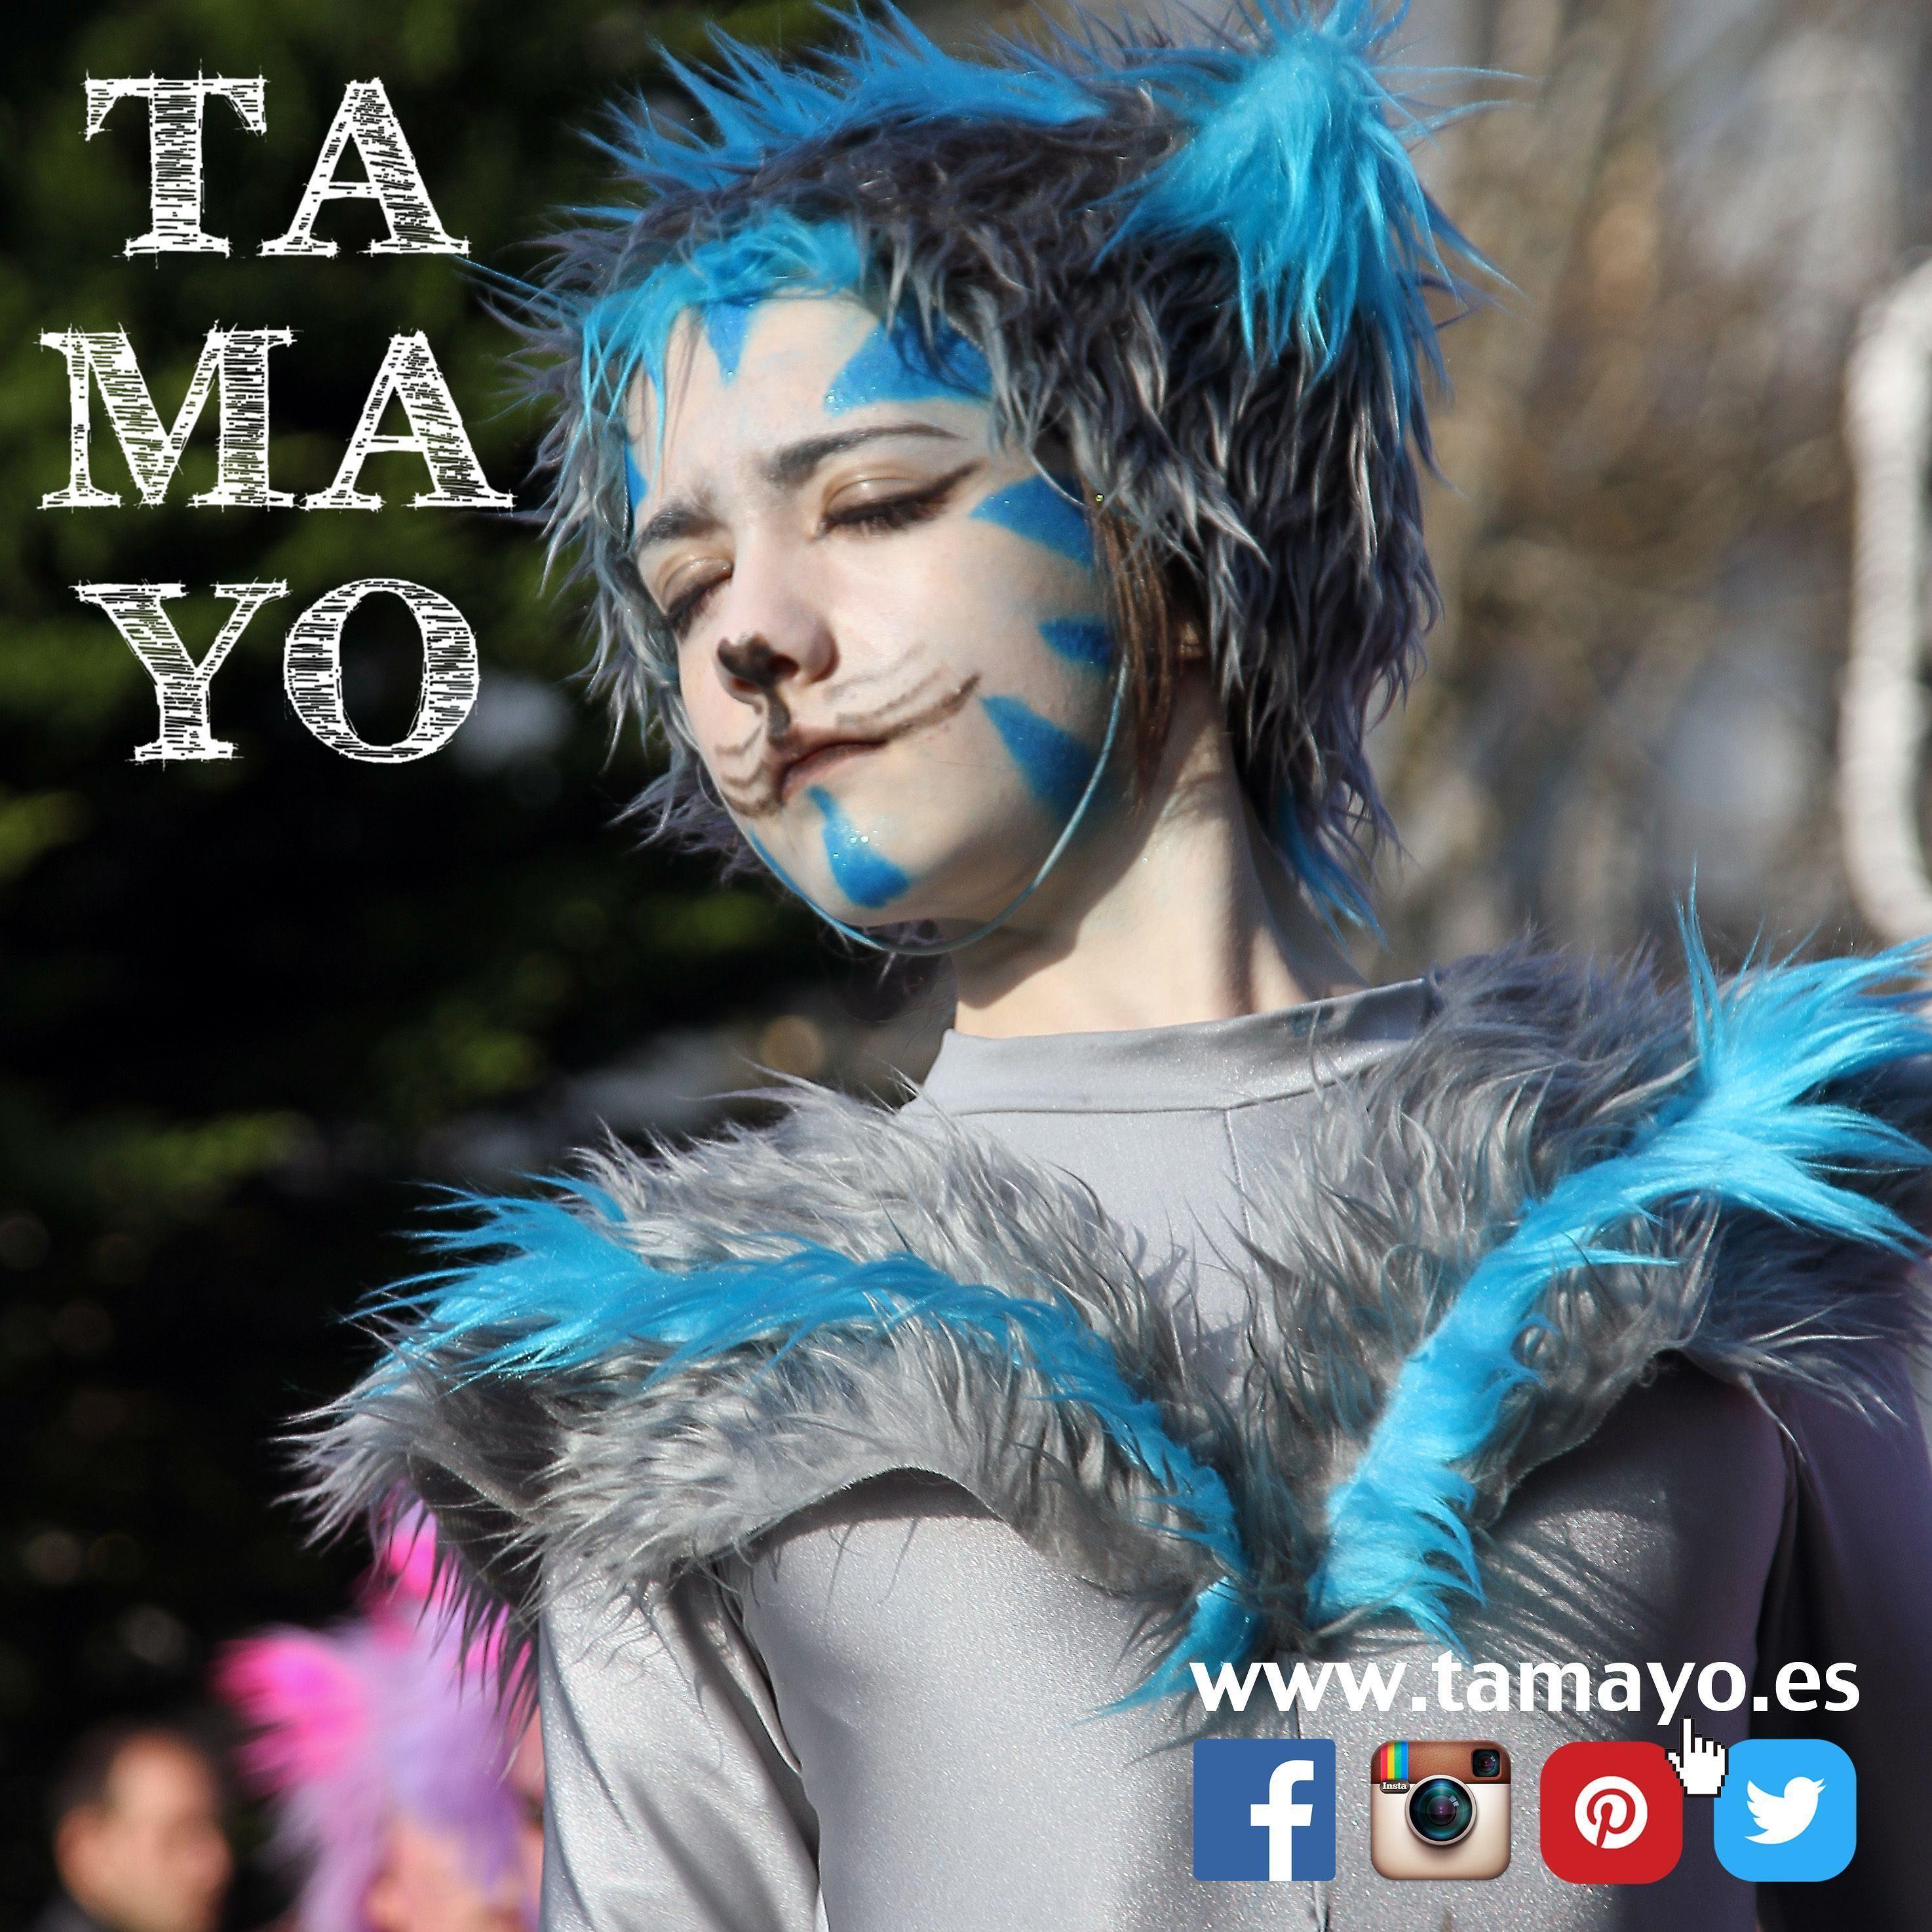 La clave del éxito de muchos disfraces de #carnaval está en el maquillaje. Por eso en #tamayopapeleria #donostia #sansebastian hemos organizado un taller de MAQUILLAJE de CARNAVAL el Viernes 5 de 17:30 a 19:30h para que de el salgas ya maquillado para disfrutar de los carnavales de #Donostia #SanSebastian Más info en www.tamayo.es